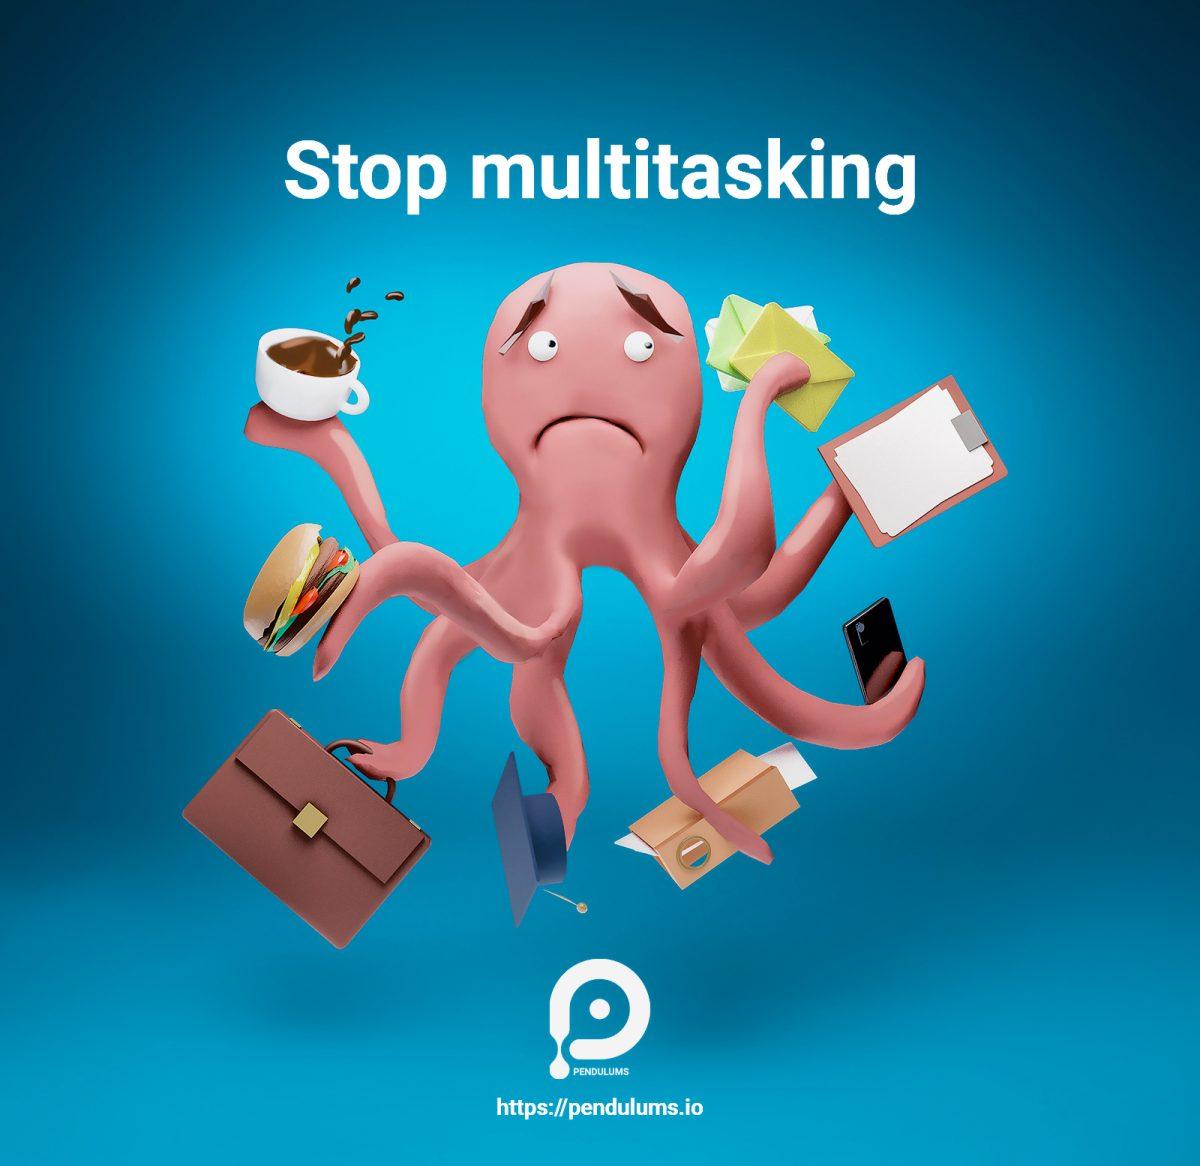 stop multitasking